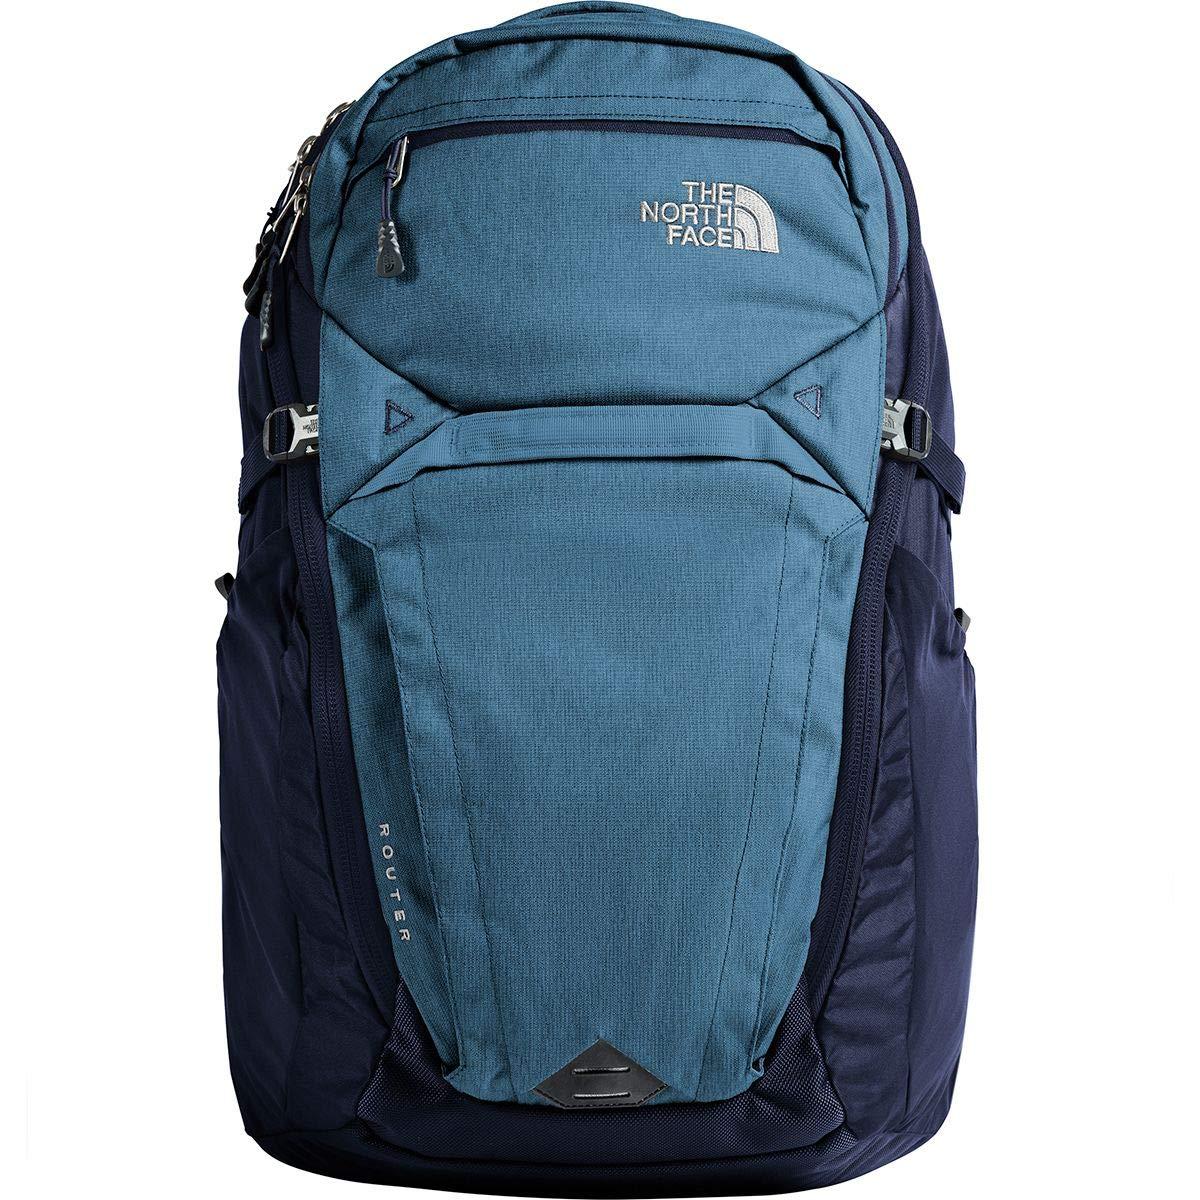 [ノースフェイス] メンズ バックパックリュックサック Router 40L Backpack [並行輸入品] B07P1S6VBS